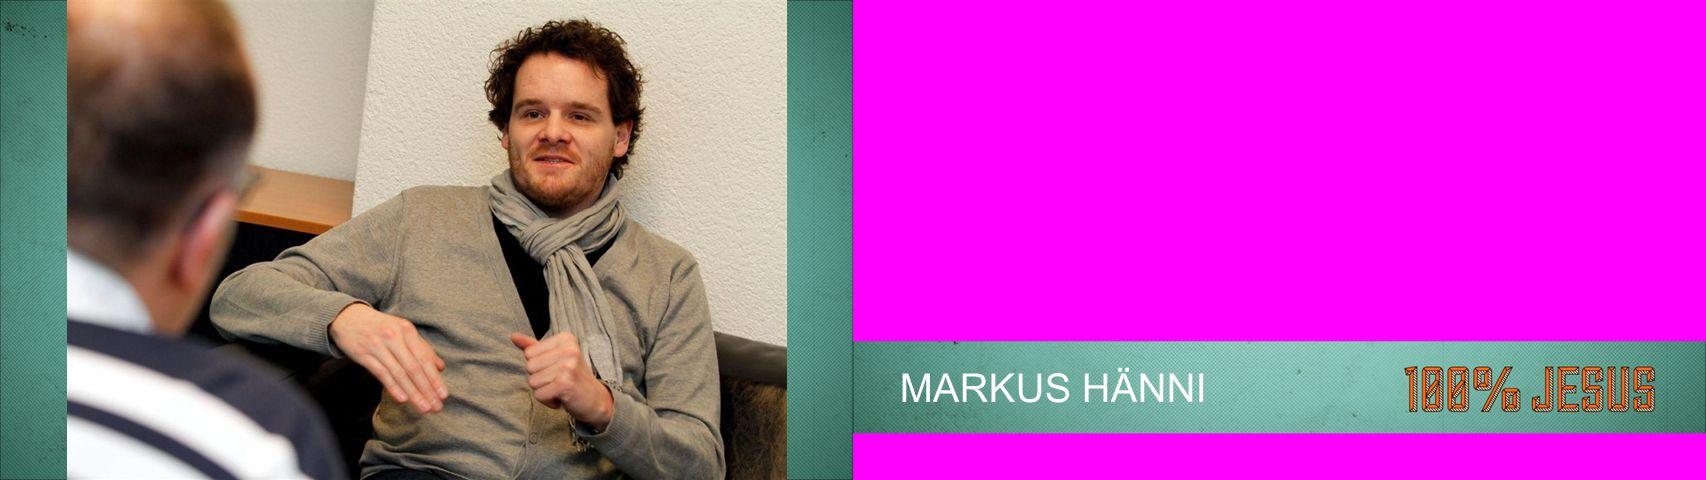 MARKUS HÄNNI